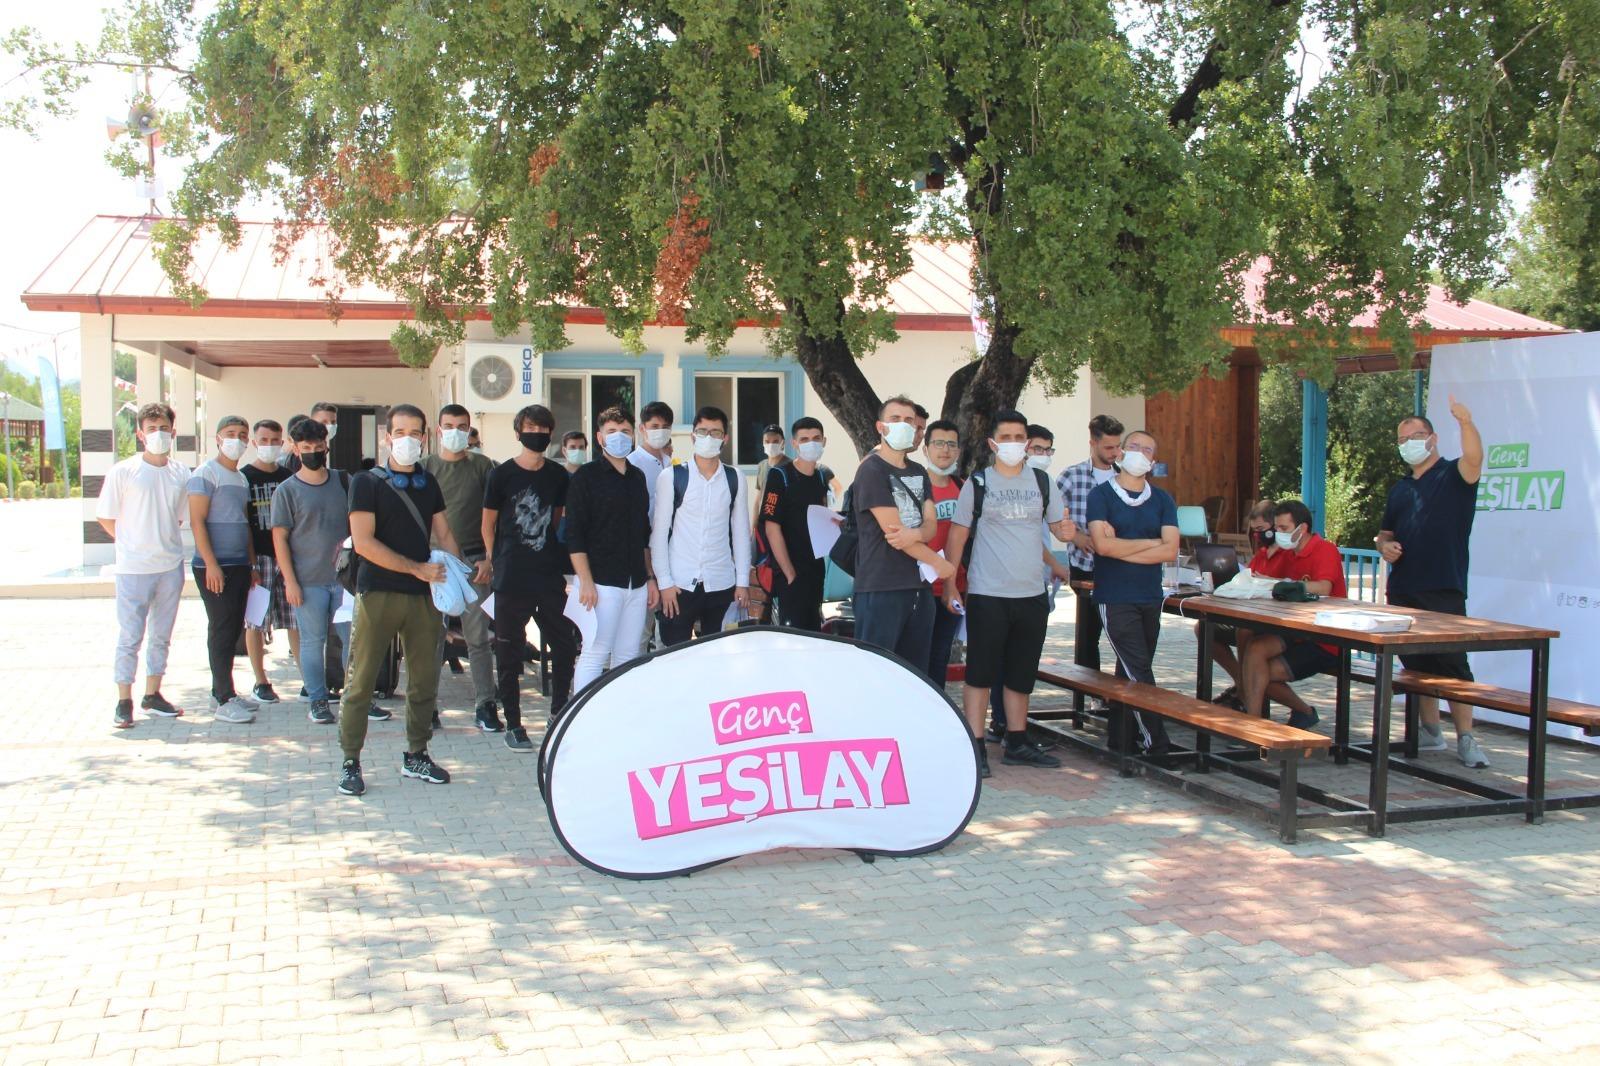 Genç Yeşilay gönüllüleri bir araya geldi